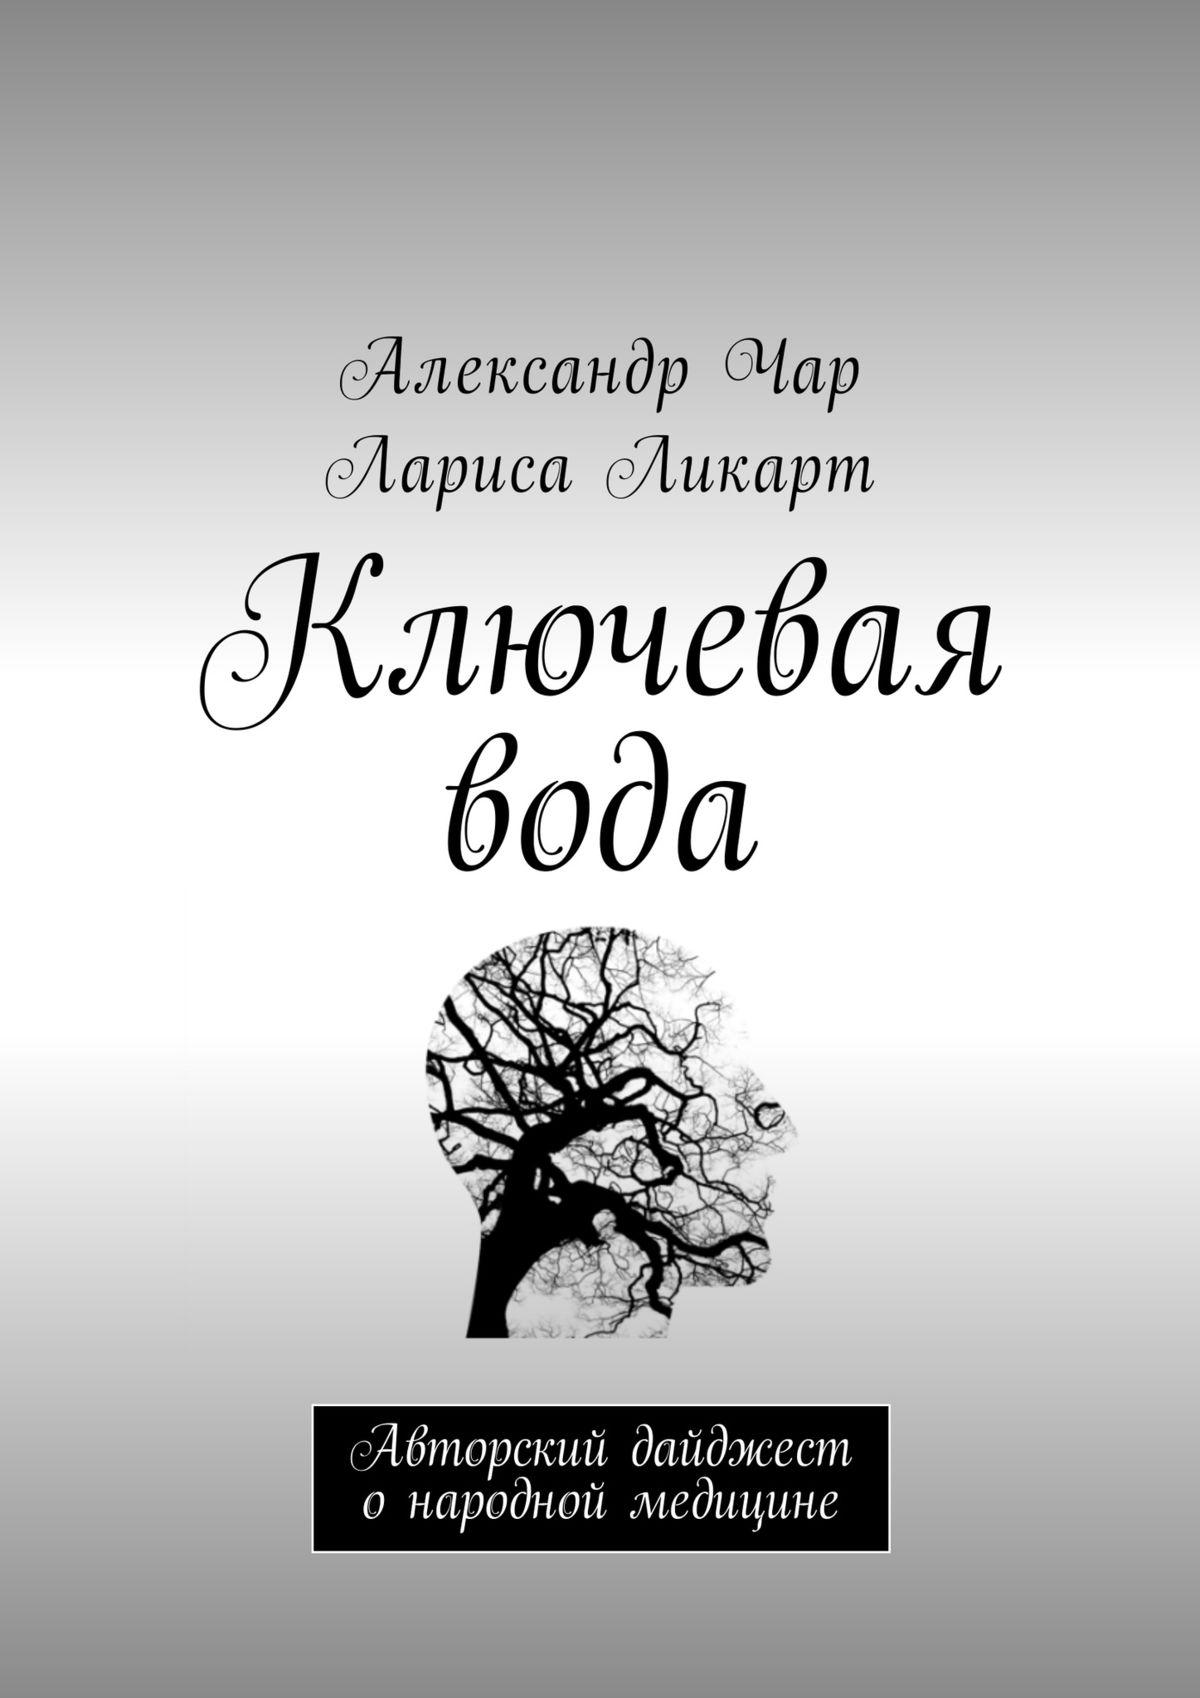 Александр Чар Ключевая вода. Авторский дайджест о народной медицине цветы бузины в народной медицине